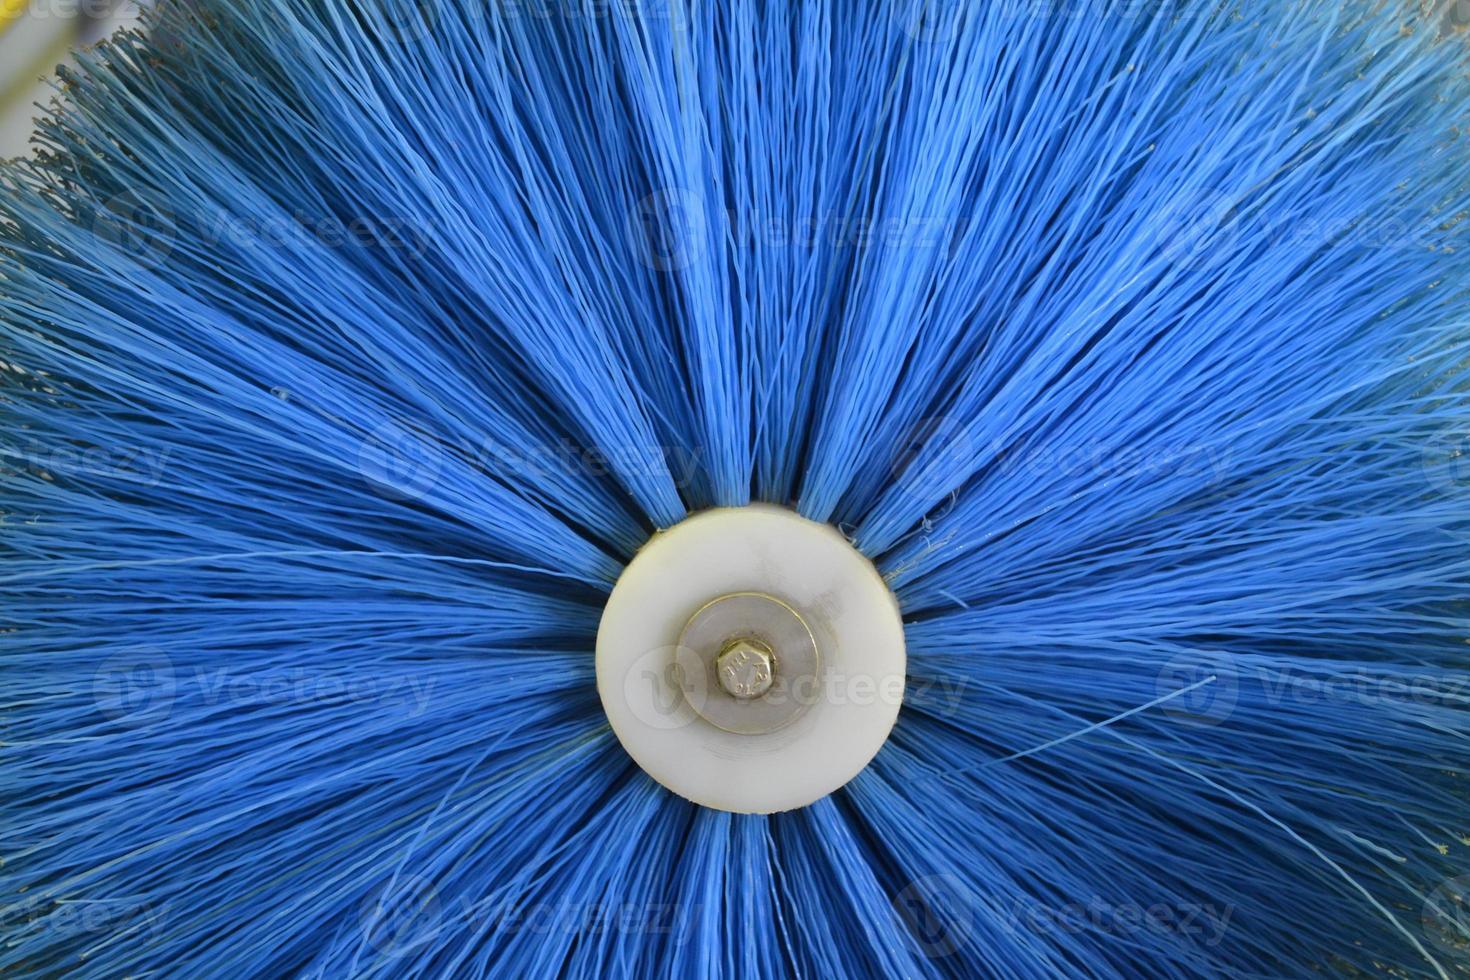 cepillo de limpieza circular industrial foto